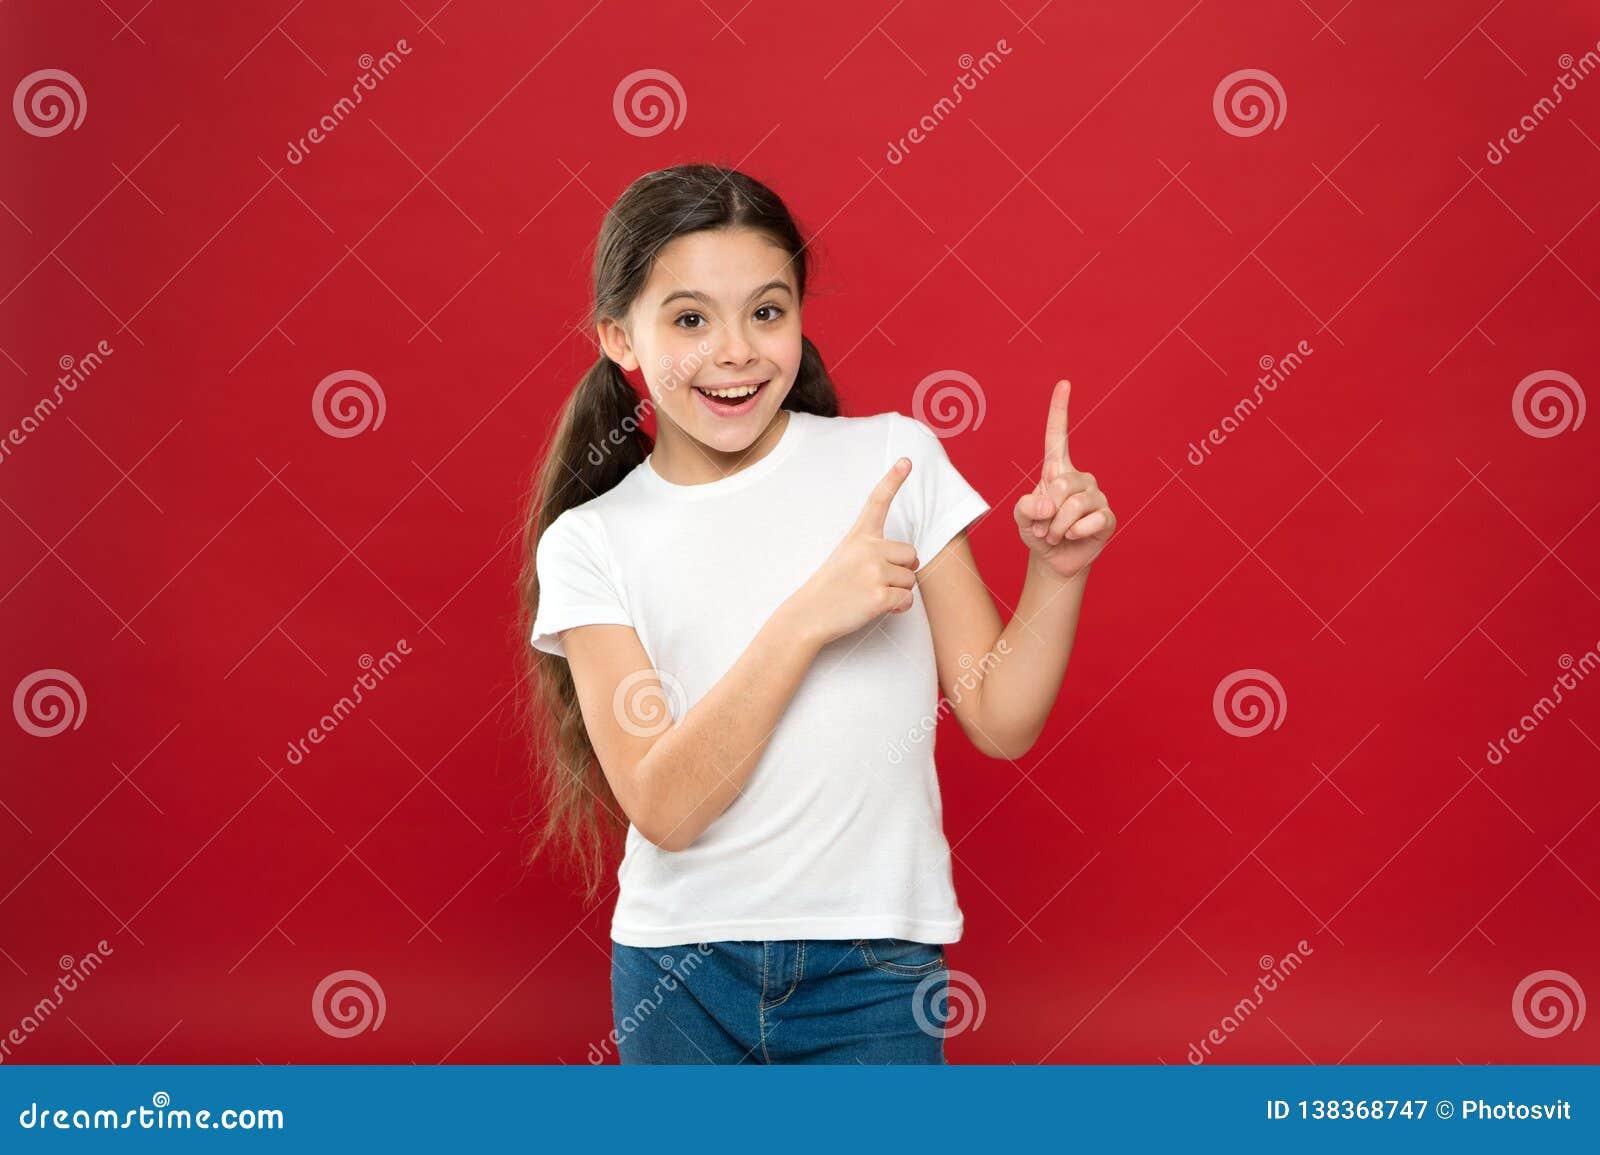 Jong en vrij Gelukkig kindmeisje met lang haar op rode achtergrond Geluk en vreugde Positieve emoties Kinderverzorging en